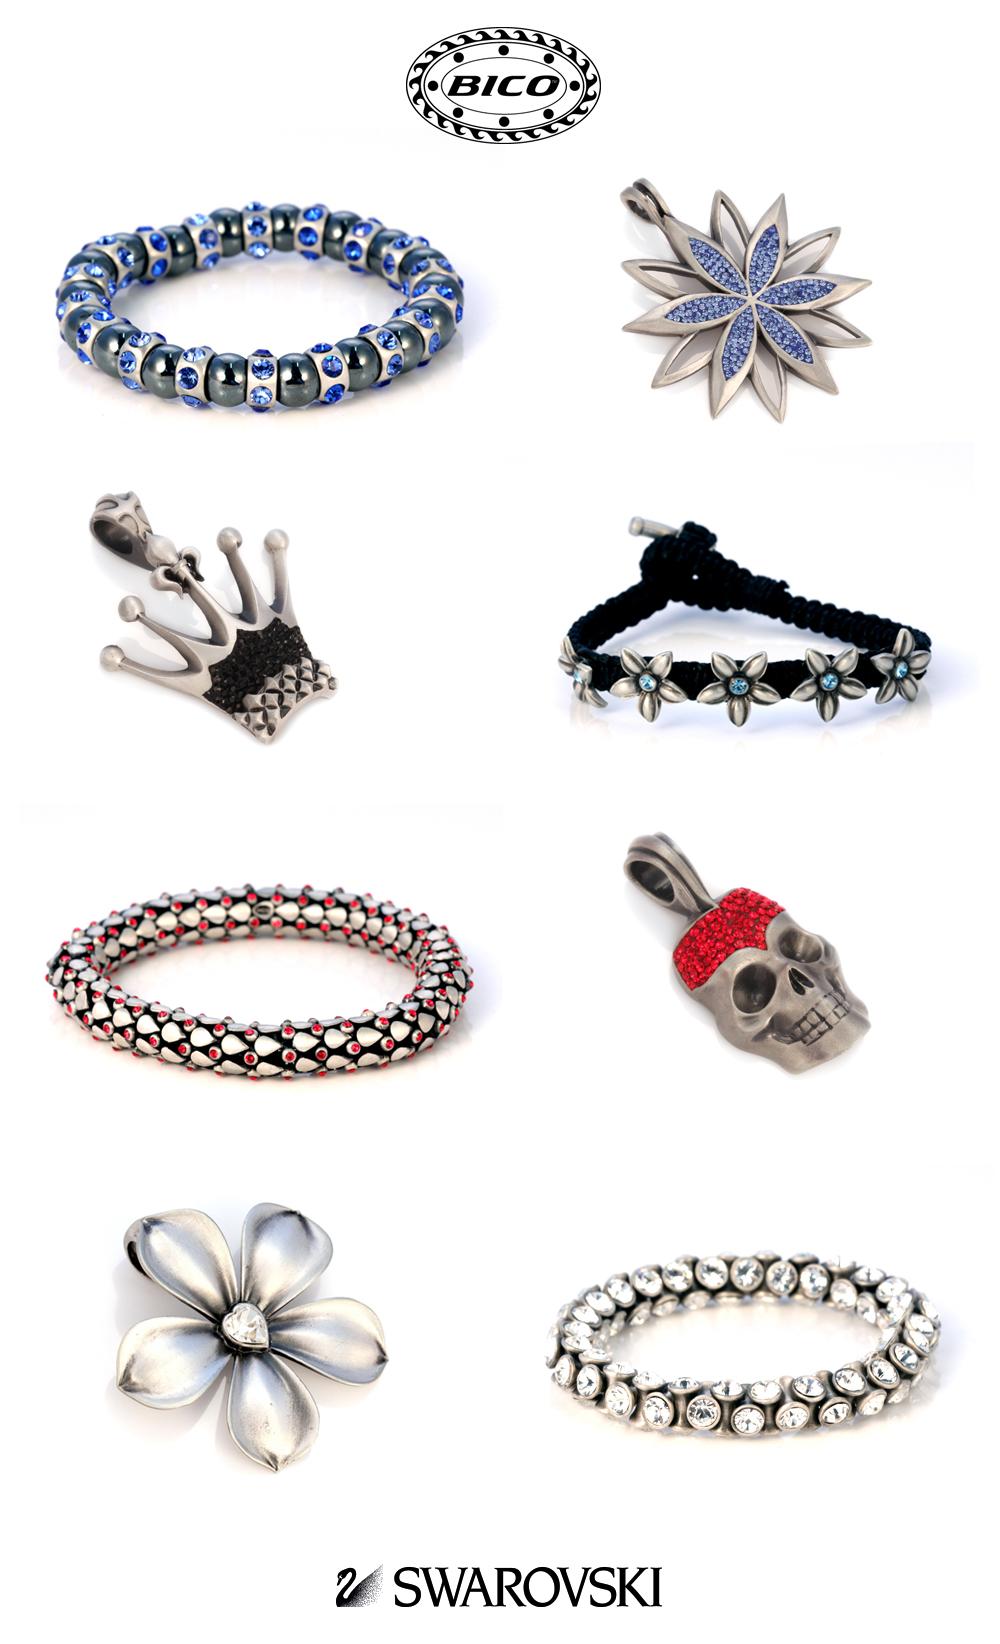 браслеты swarovski, подвески swarovski, украшения сваровски, сваровски логотип, bico australia